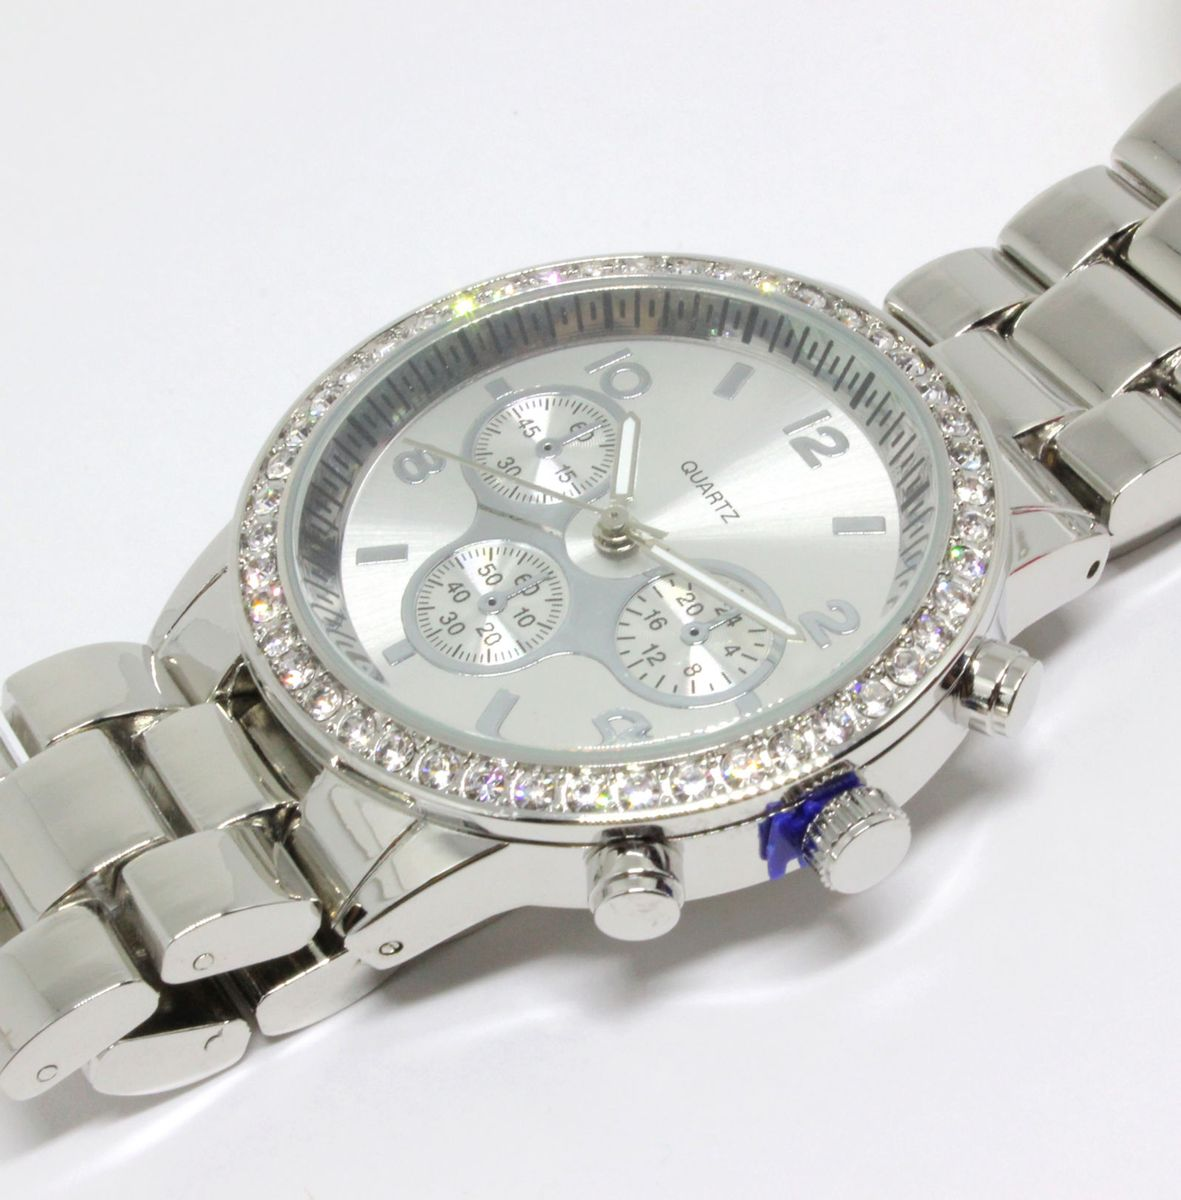 4812b63cb6b relógio aeropostale original importado prata com strass - relógios  aeropostale